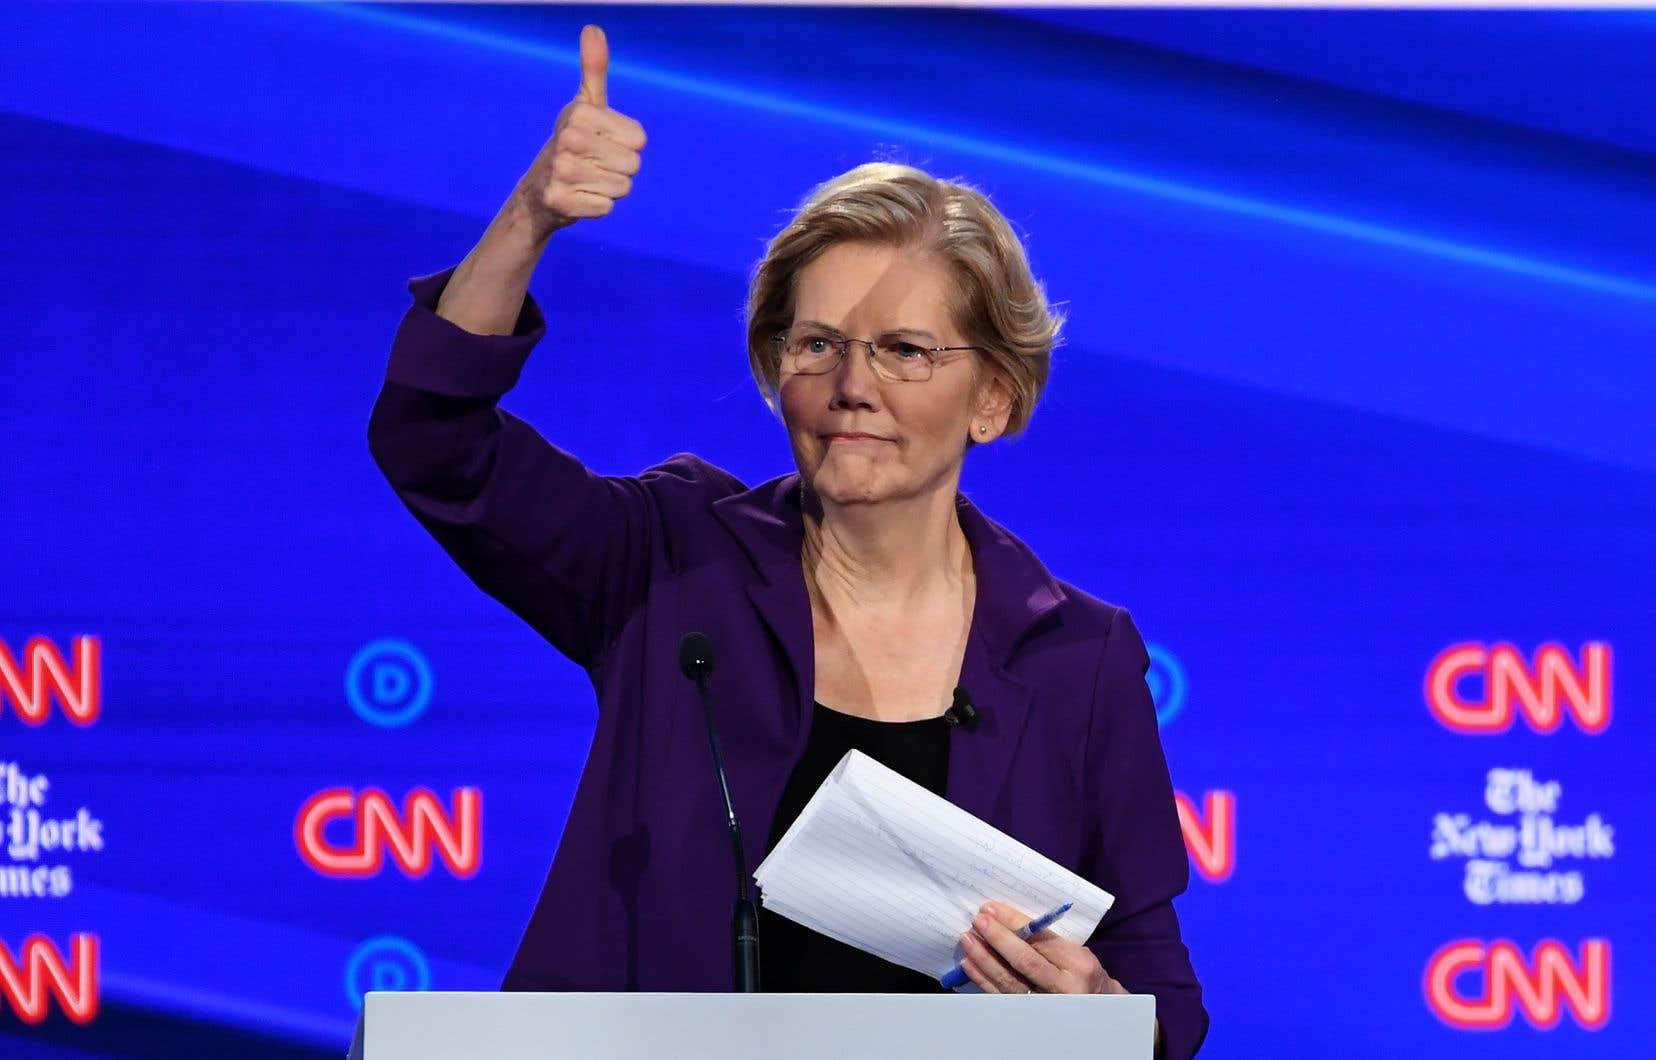 Face à l'avalanche de tacles, signe de son nouveau statut de grande favorite, Elizabeth Warren s'est montrée stoïque, s'en tenant à son programme mais sans faire d'étincelles.